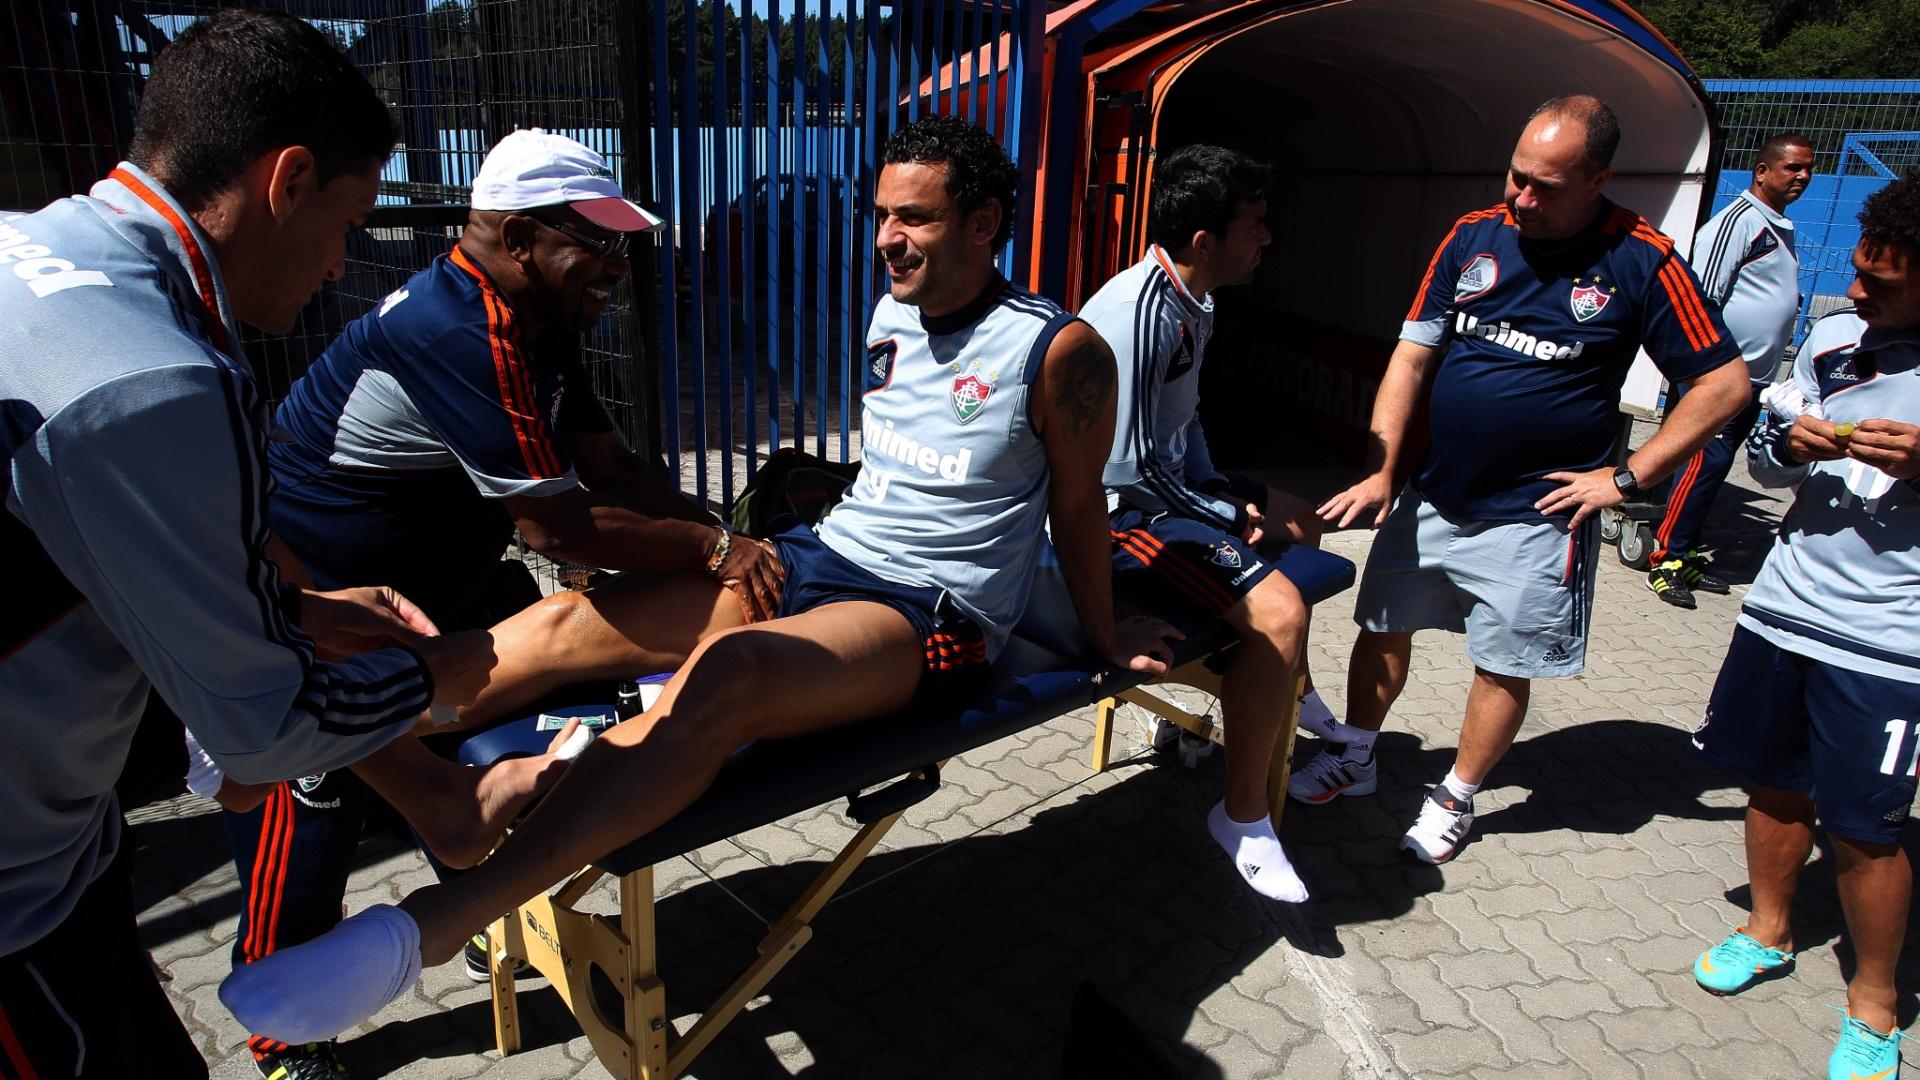 Deco e Fred conversam com companheiros do elenco do Fluminense antes de treino no Chile